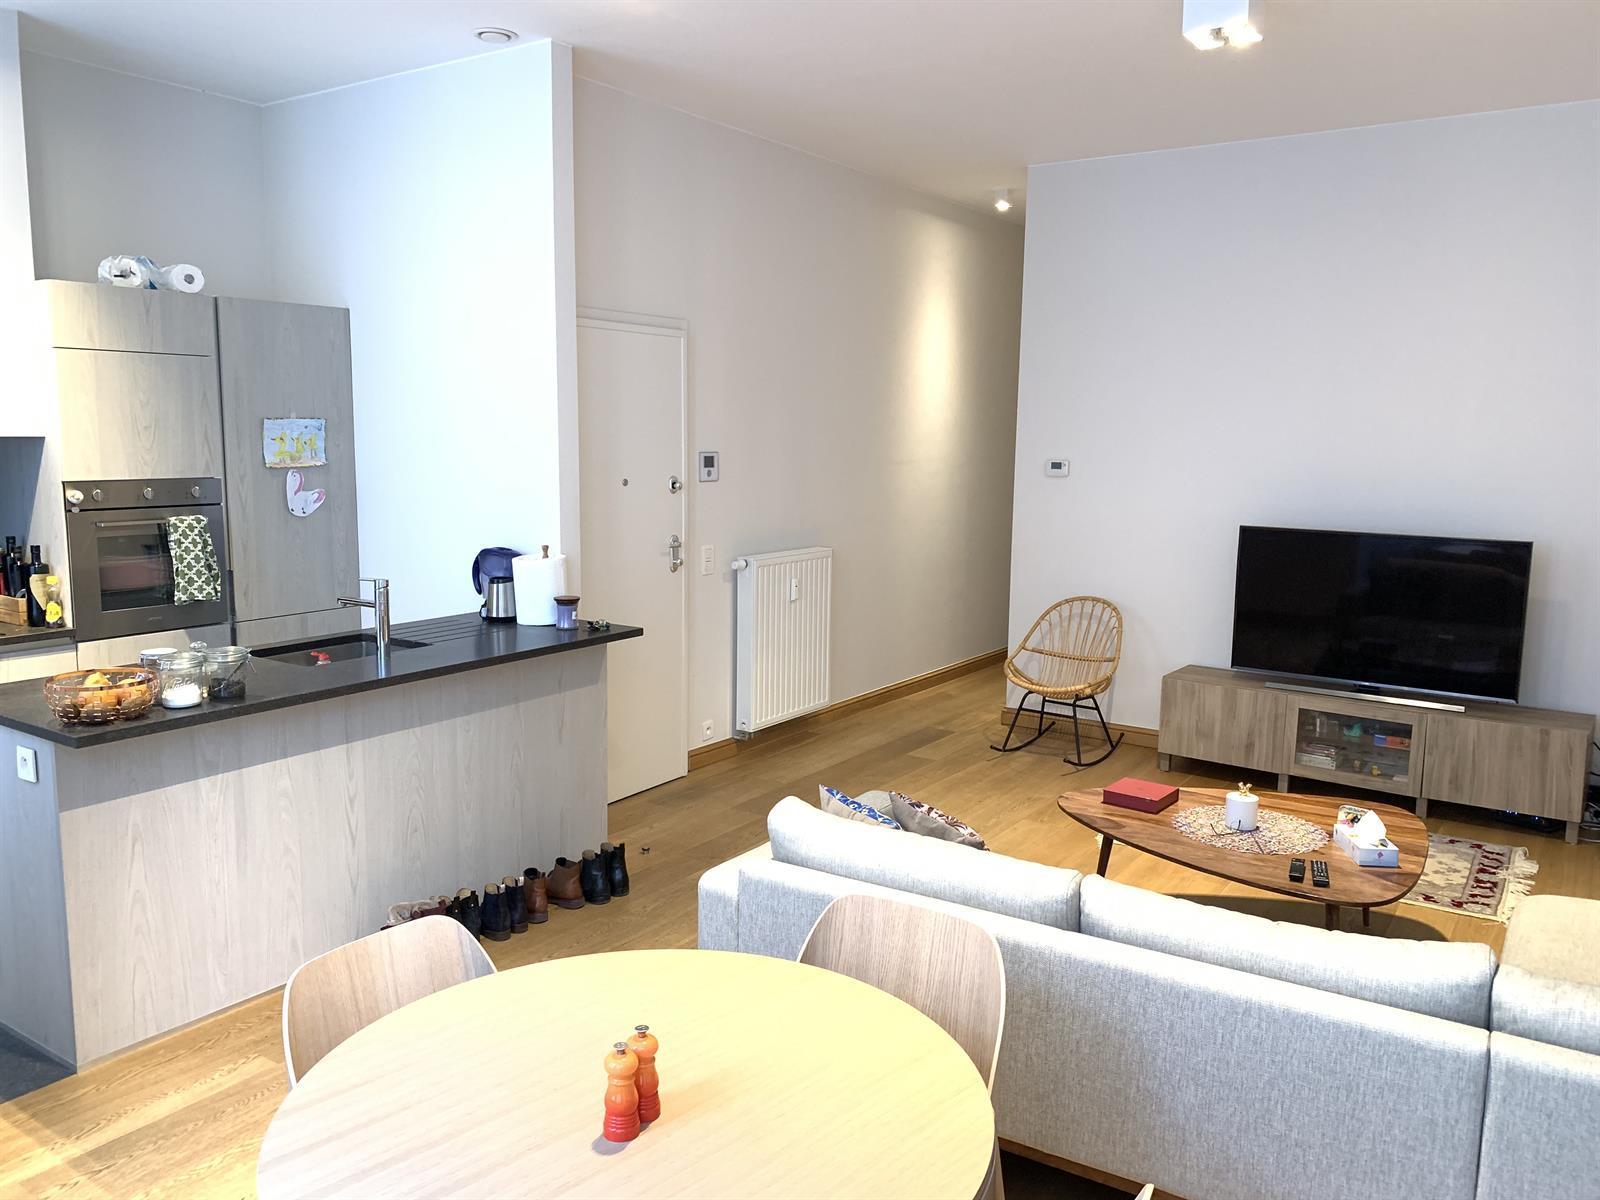 Appartement exceptionnel - Bruxelles - #4094385-37